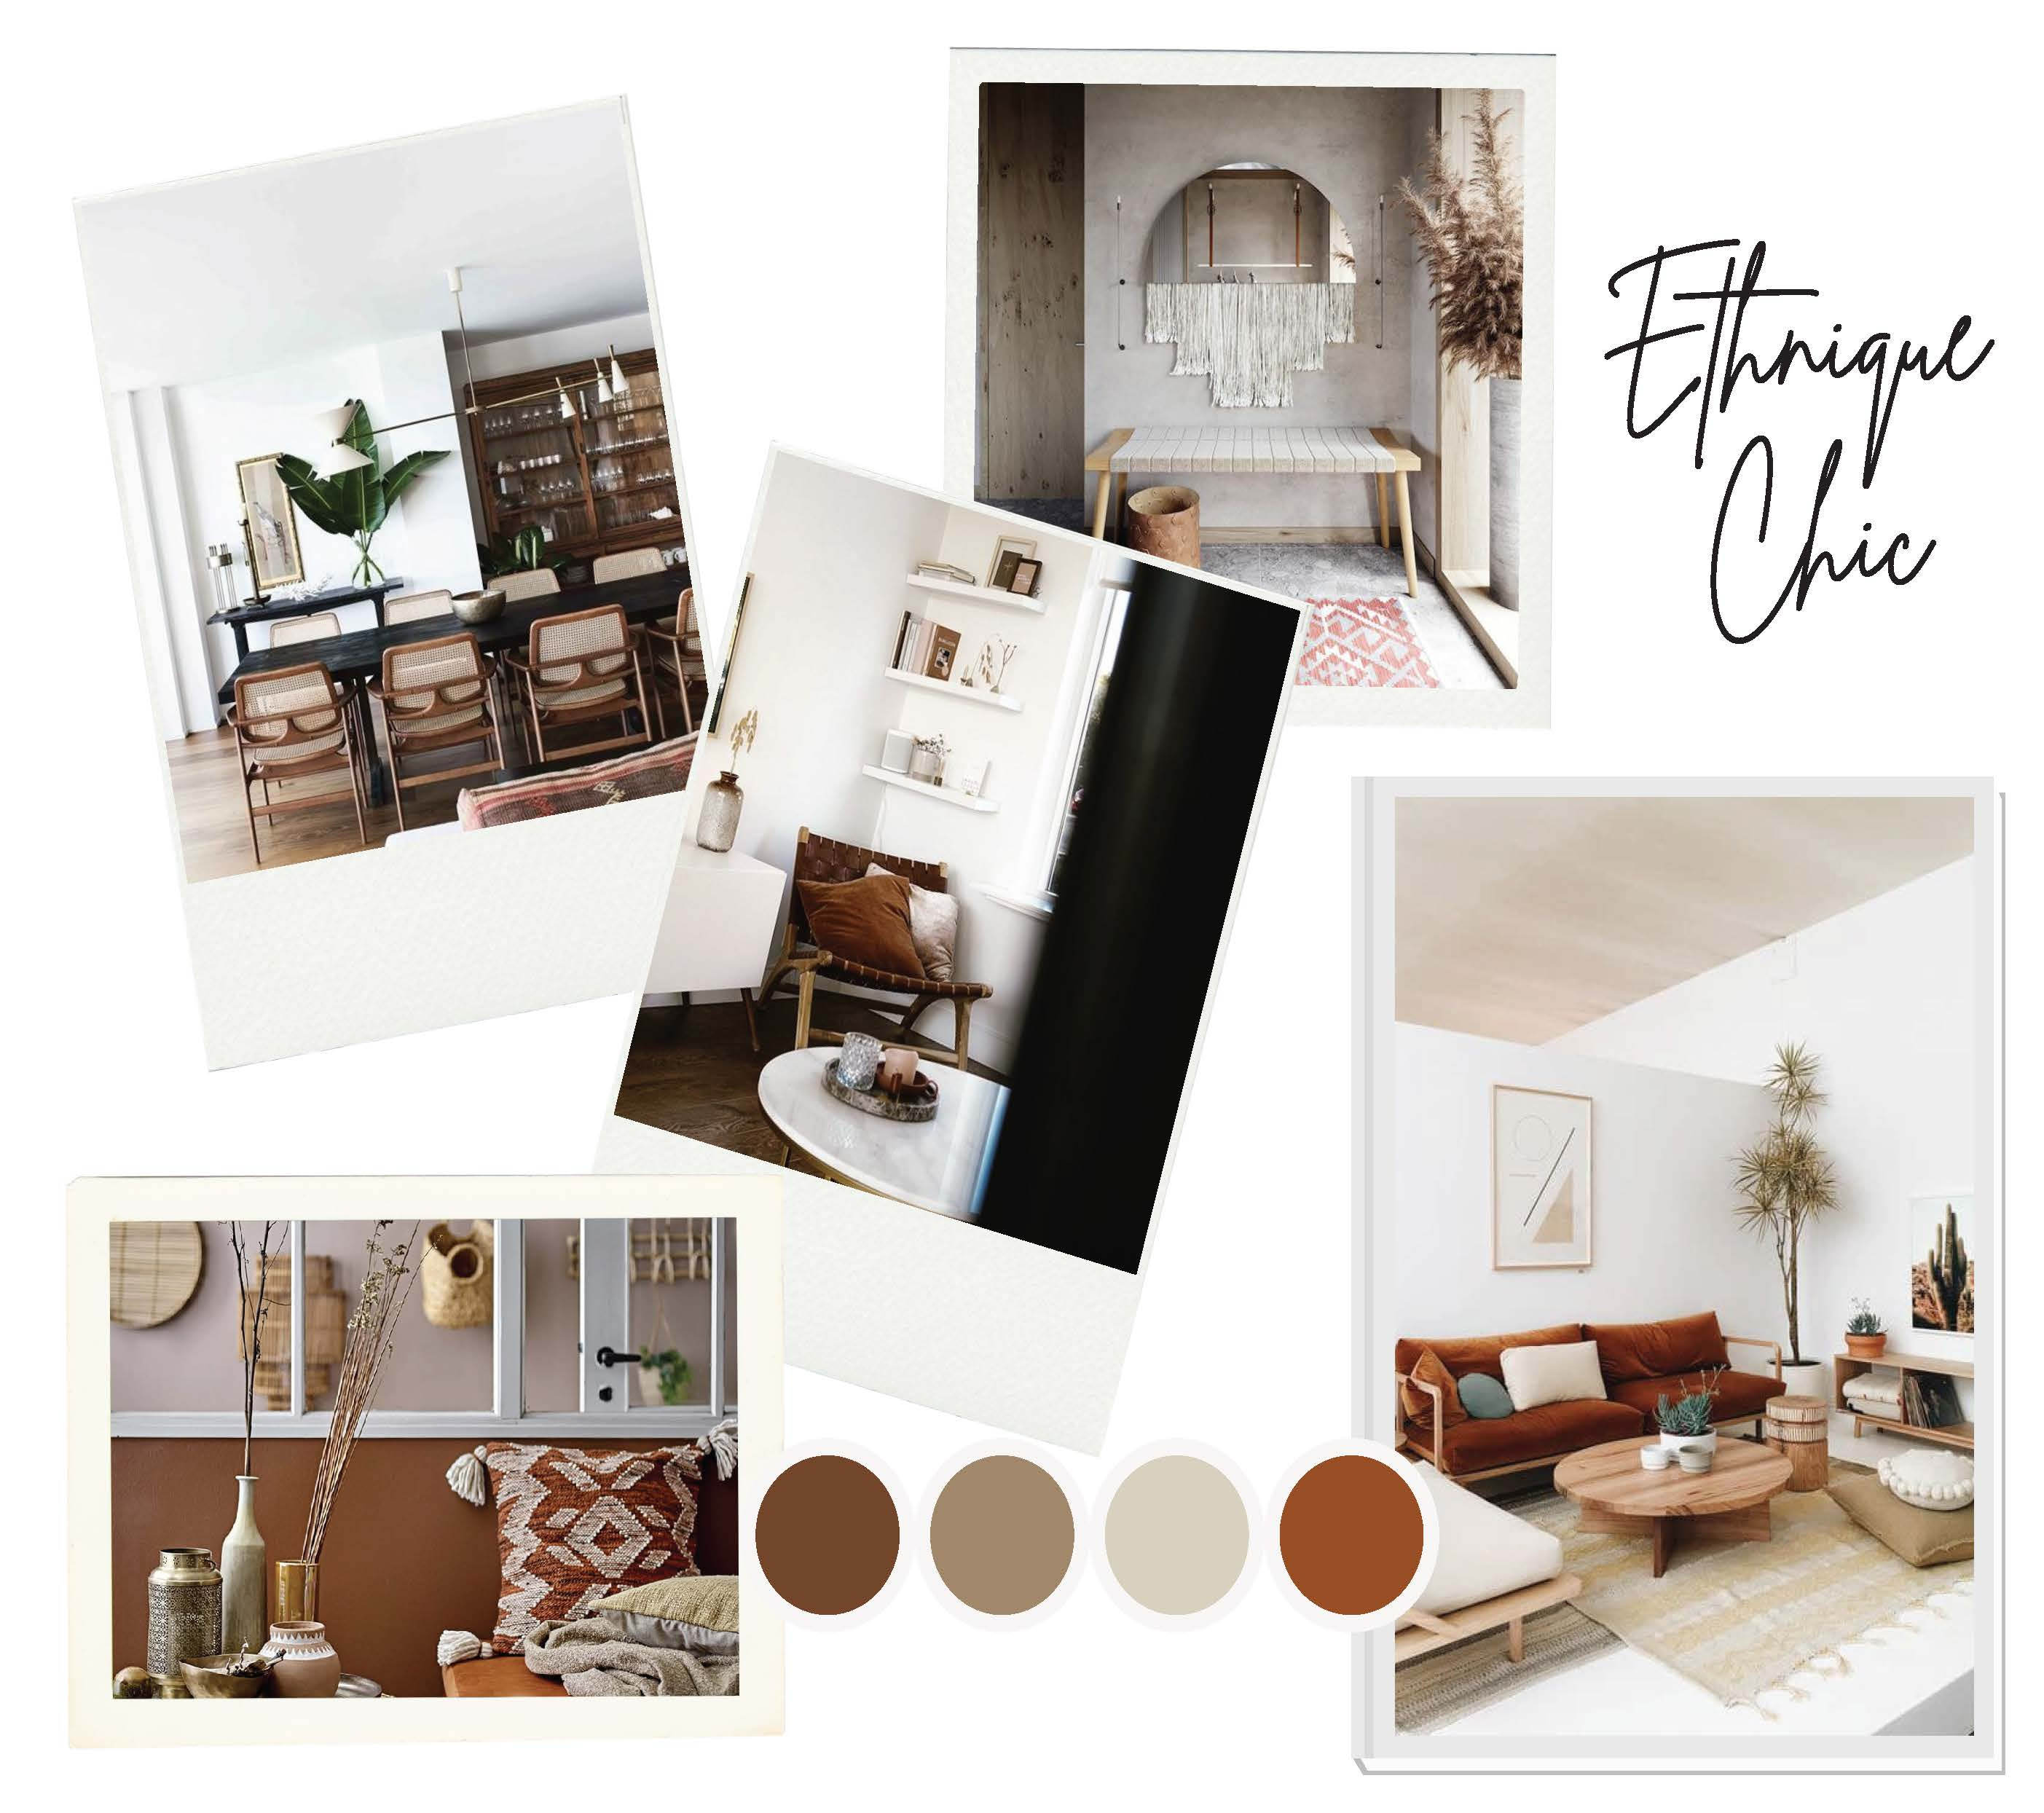 Moodboard ethnique chic décoration et ménagement d'appartement pour location meublée